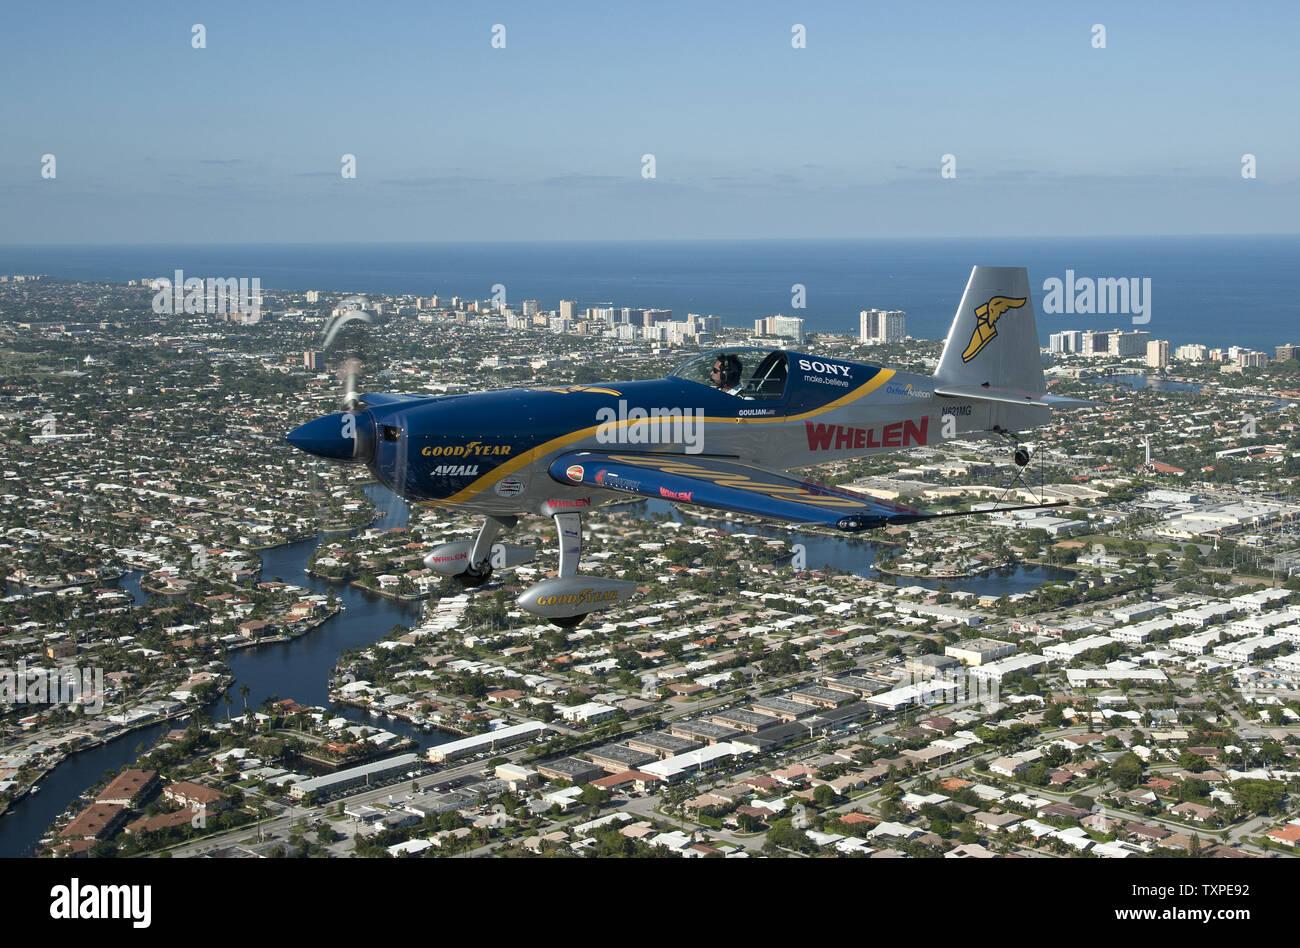 Mike Goulian Aerobats, effectue des manoeuvres tout en pratiquant plus de Ft. Lauderdale, Floride le 26 avril 2012. Goulian est l'une des vedettes qui participeront à la nouvelle Ft. Lauderdale Air Show qui aura lieu le week-end des 28 et 29 avril. .UPI/Marino-Bill Joe Cantrell Banque D'Images